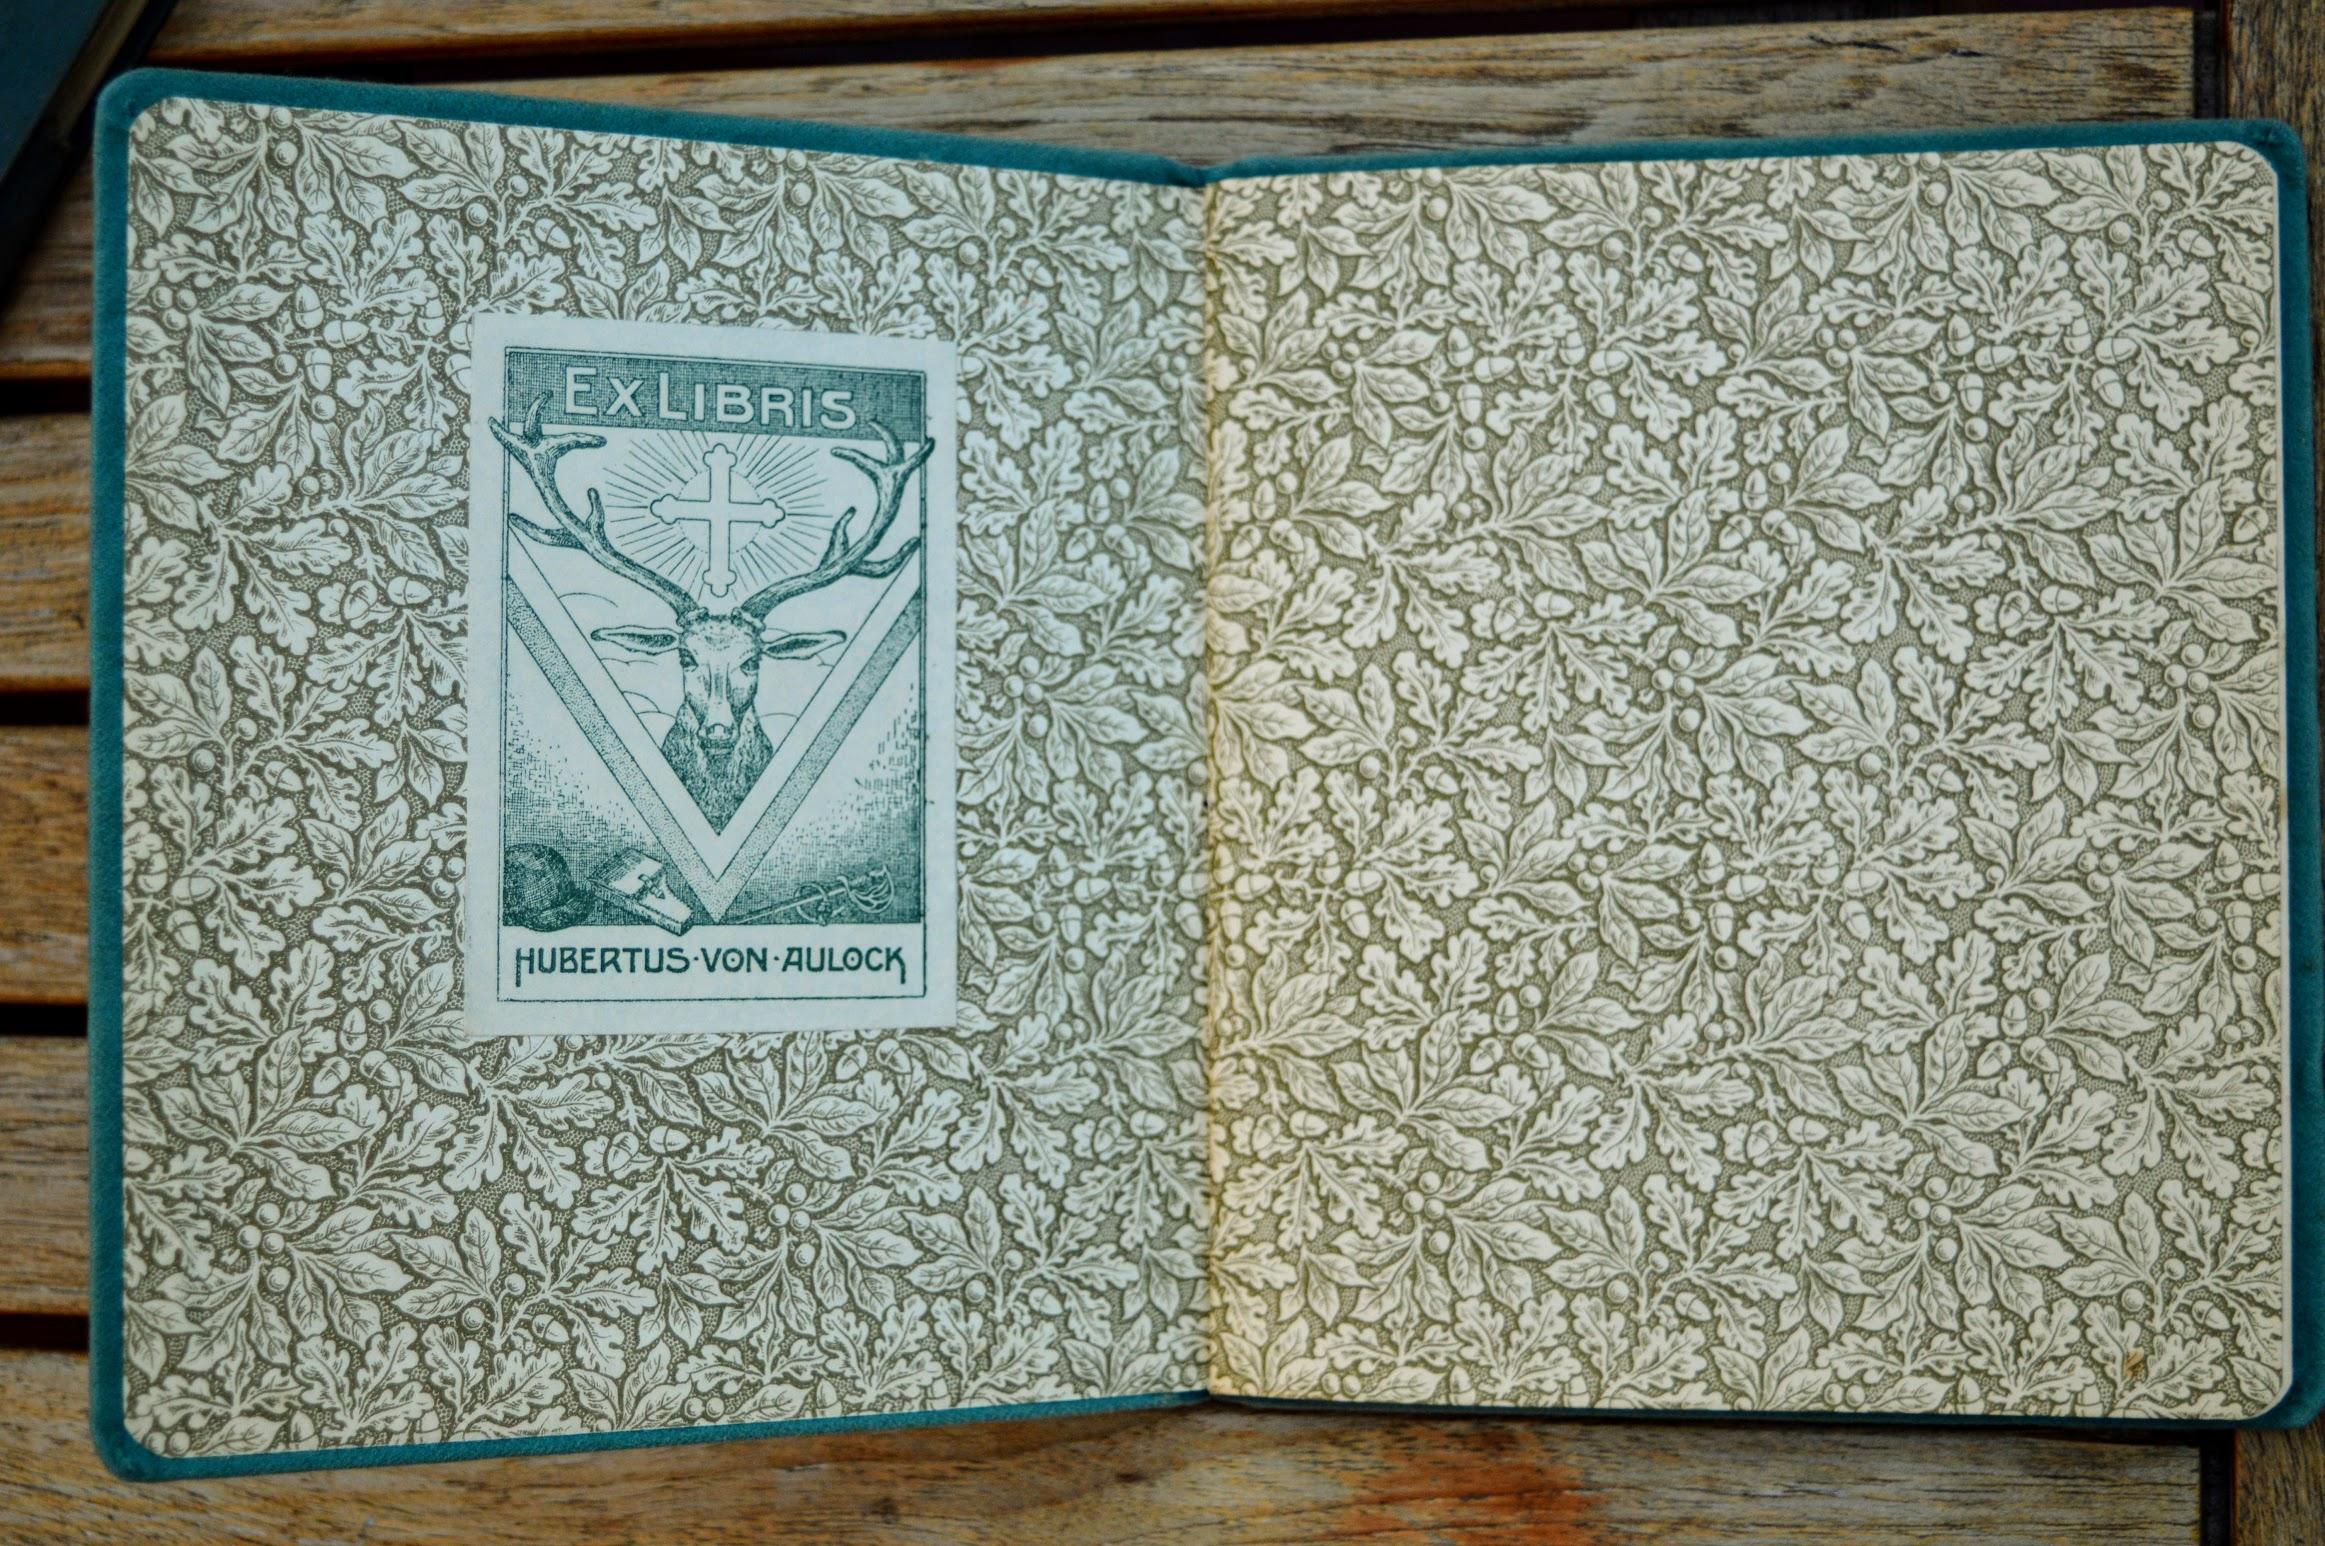 Walter Leithäuser - Die Geschichte des Freikorps v. Aulock - 1922 - Ex libris Hubertus von Aulock